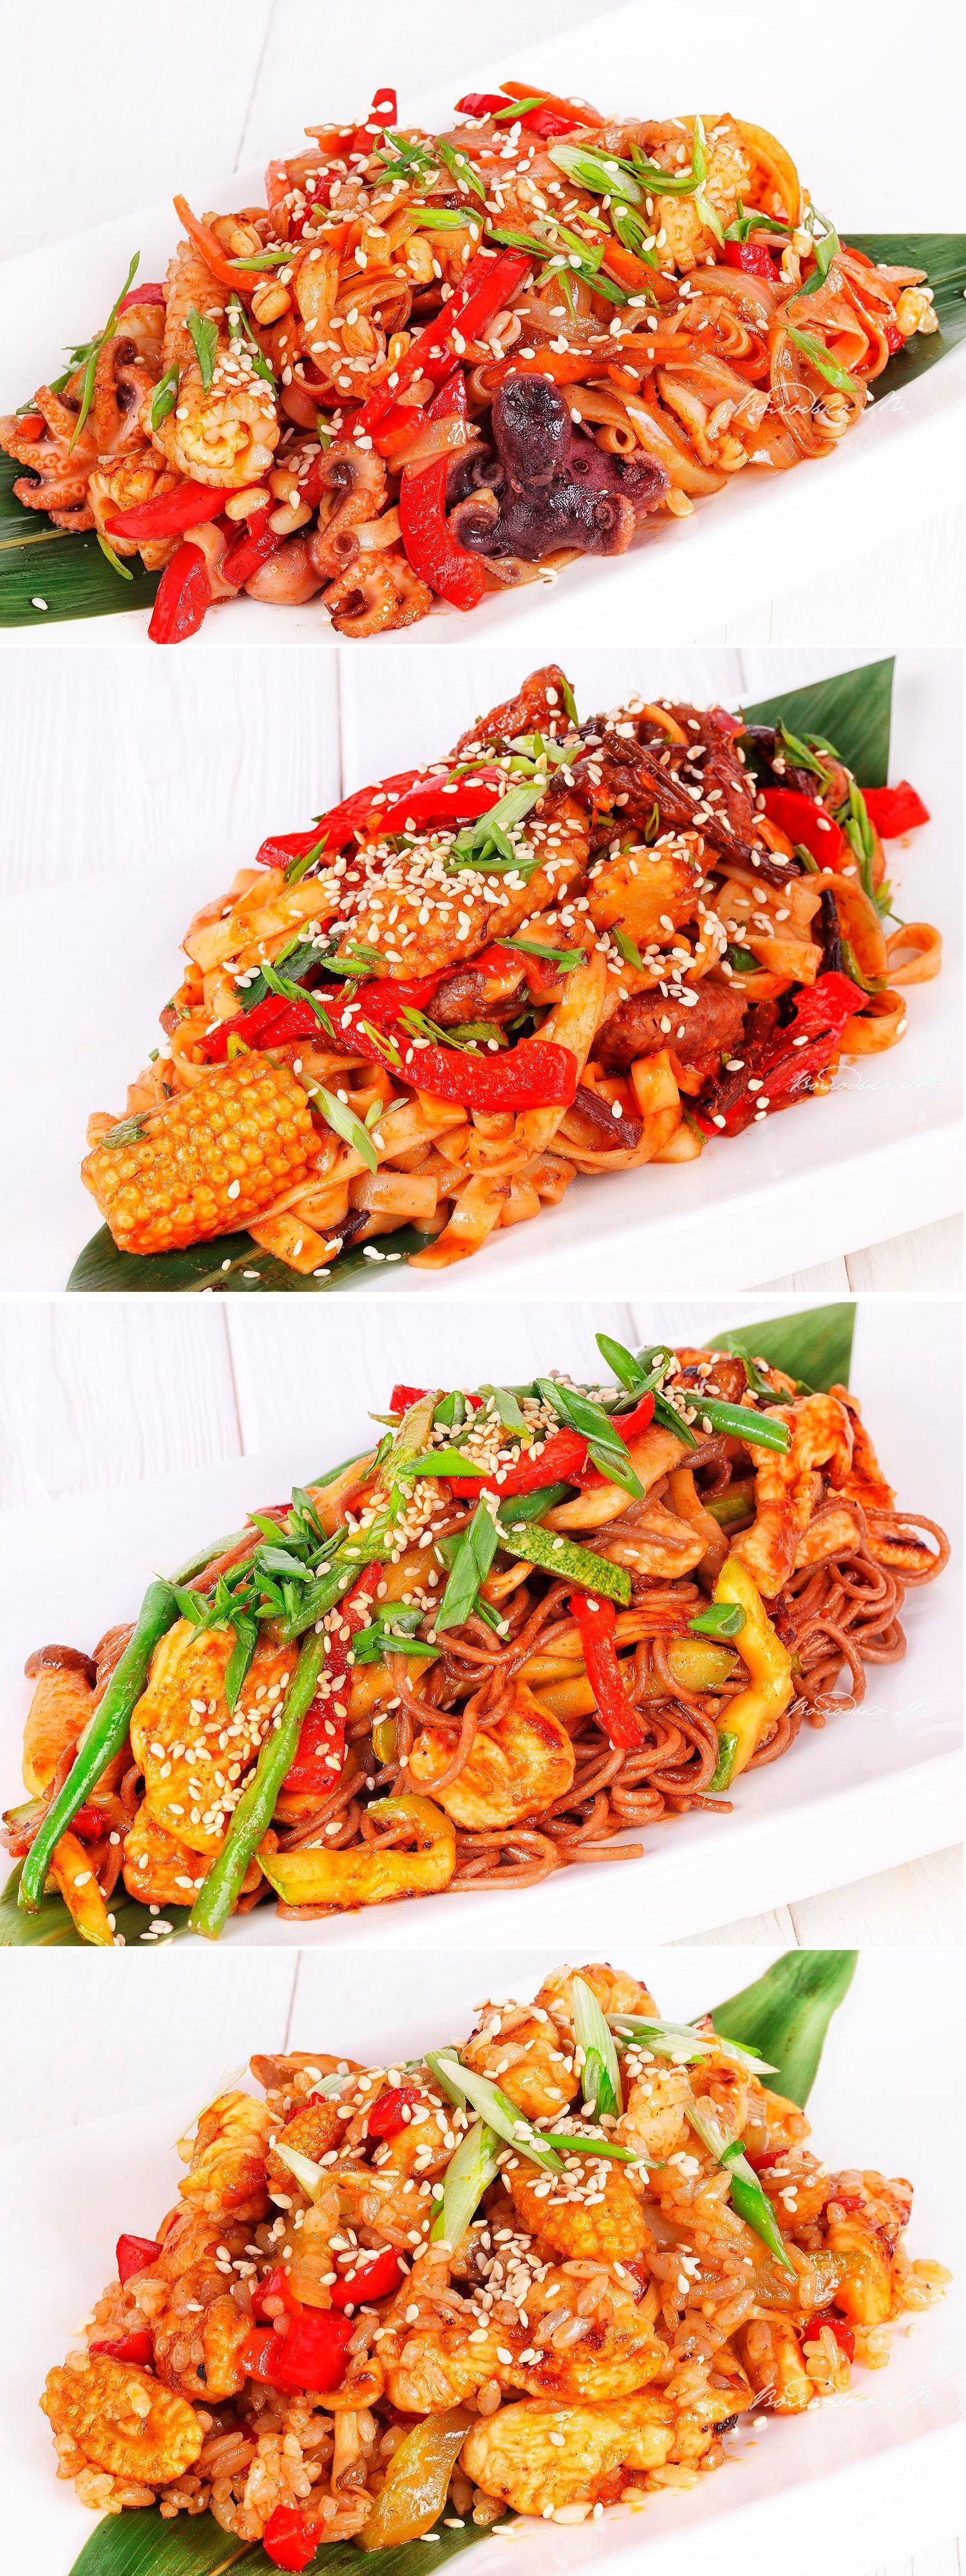 Ассорти из салатов с овощами,курицей и морепродуктов ...